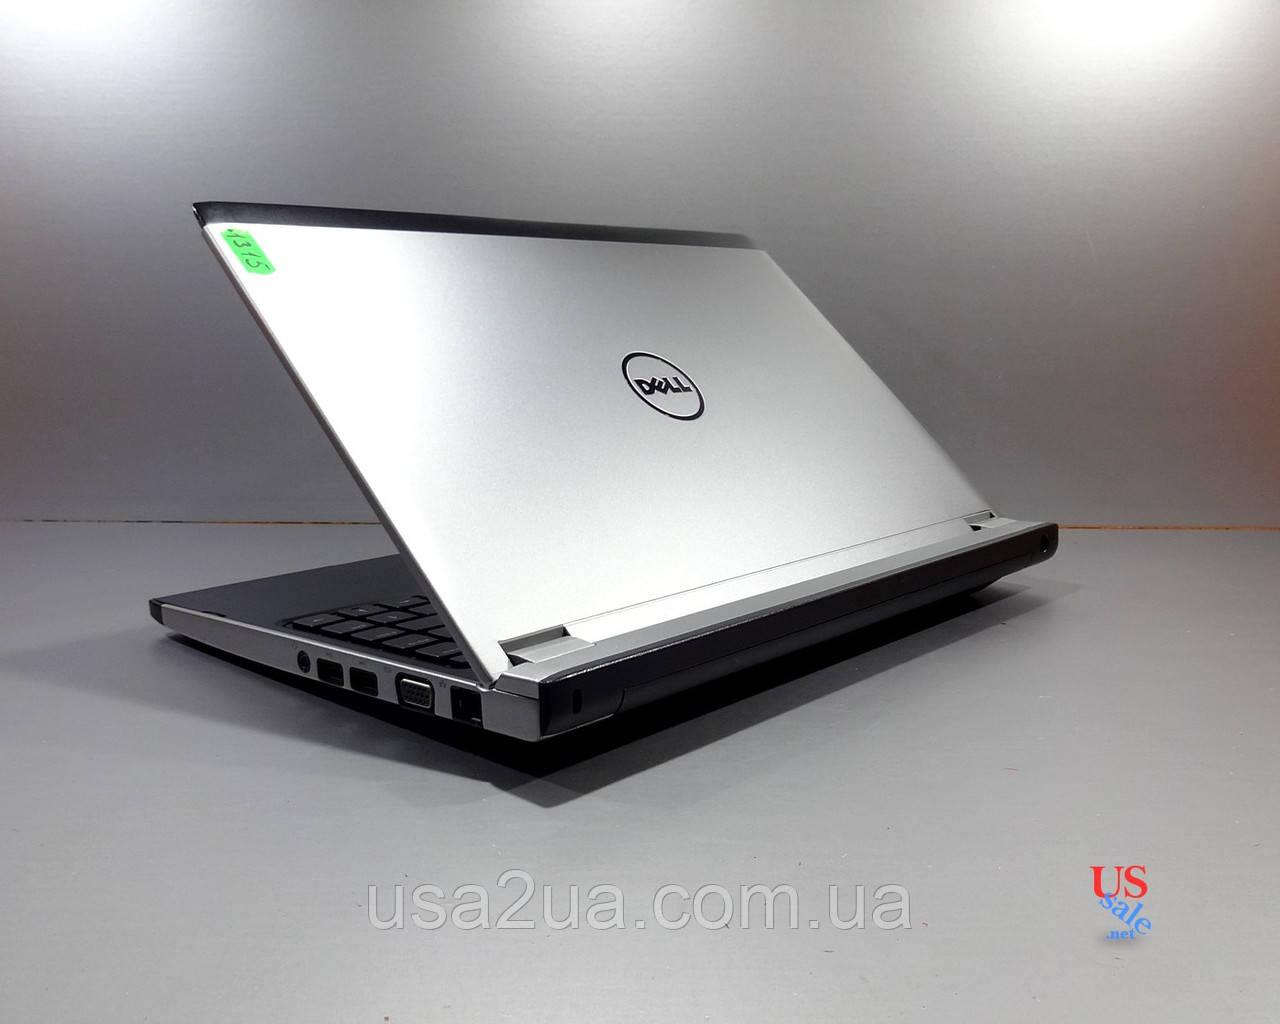 Ноутбук Dell Latitude 3330 Celeron 1007u 4Gb ddr3 320gb web камера кредит гарантия.